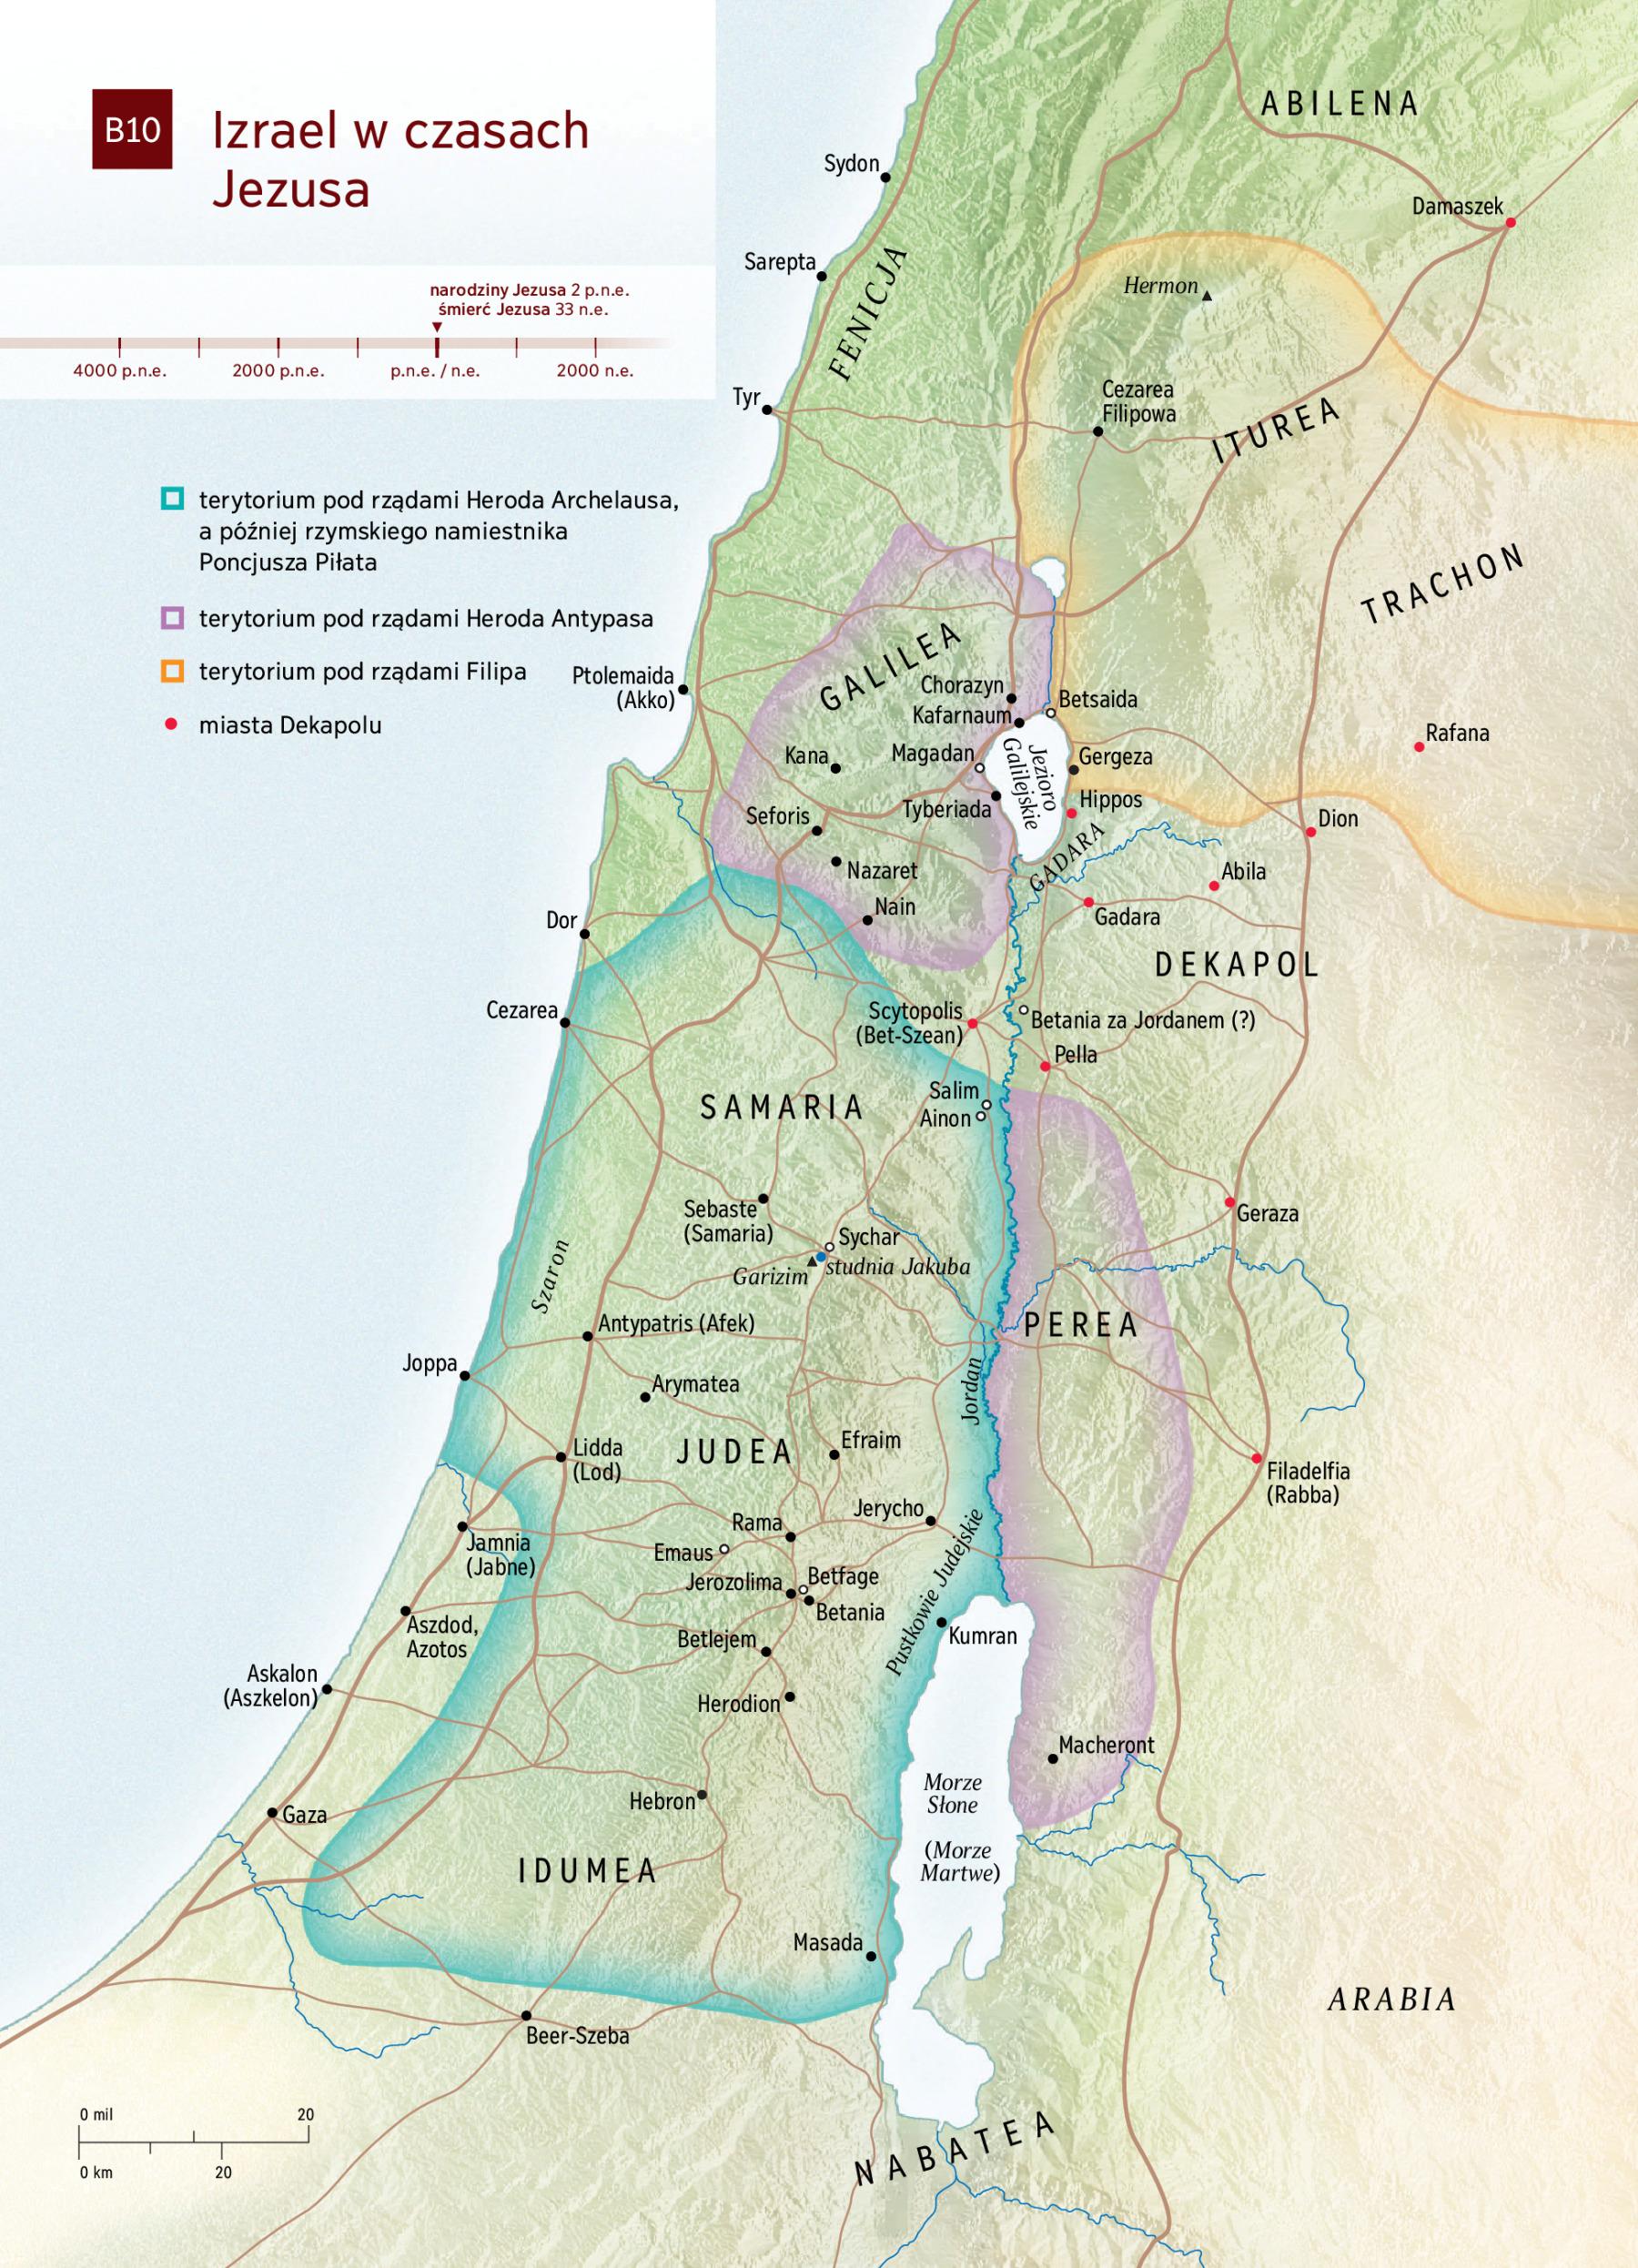 Mapa Izrael W Czasach Jezusa Nwt